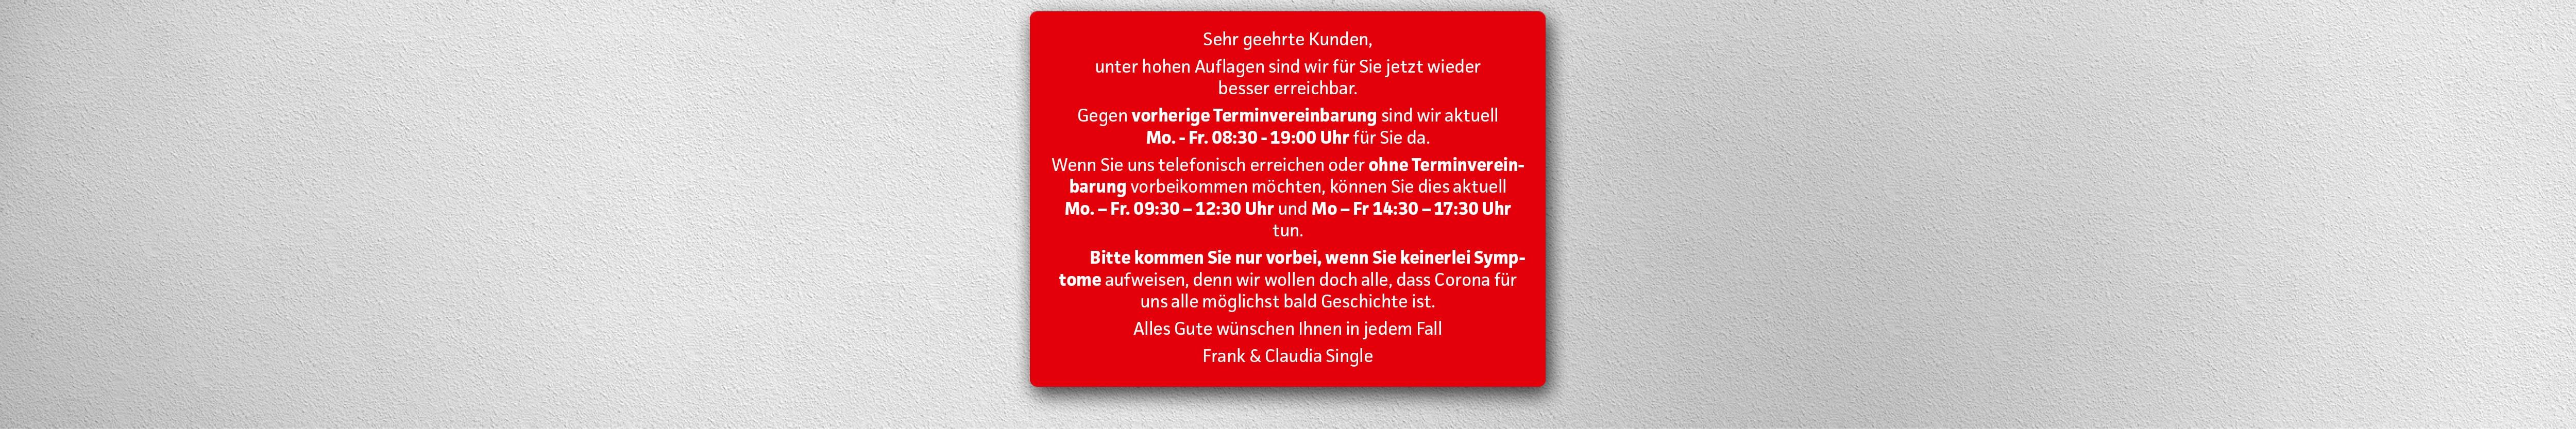 208500_Brillenmann_Web_Slider_2021-04-12.jpg